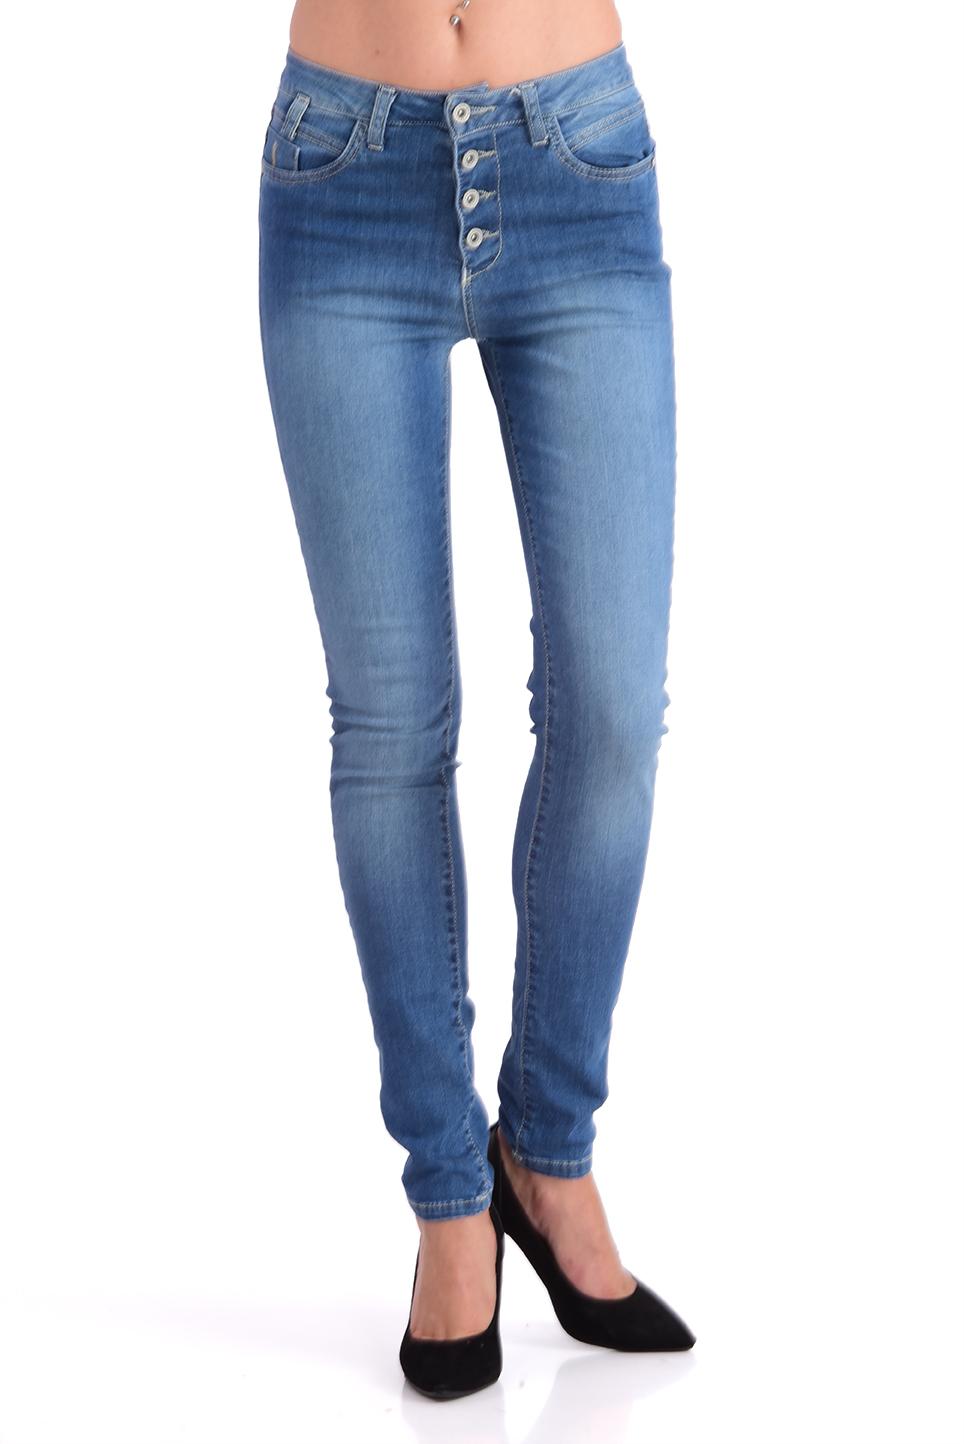 ג'ינס ליאנה כחול